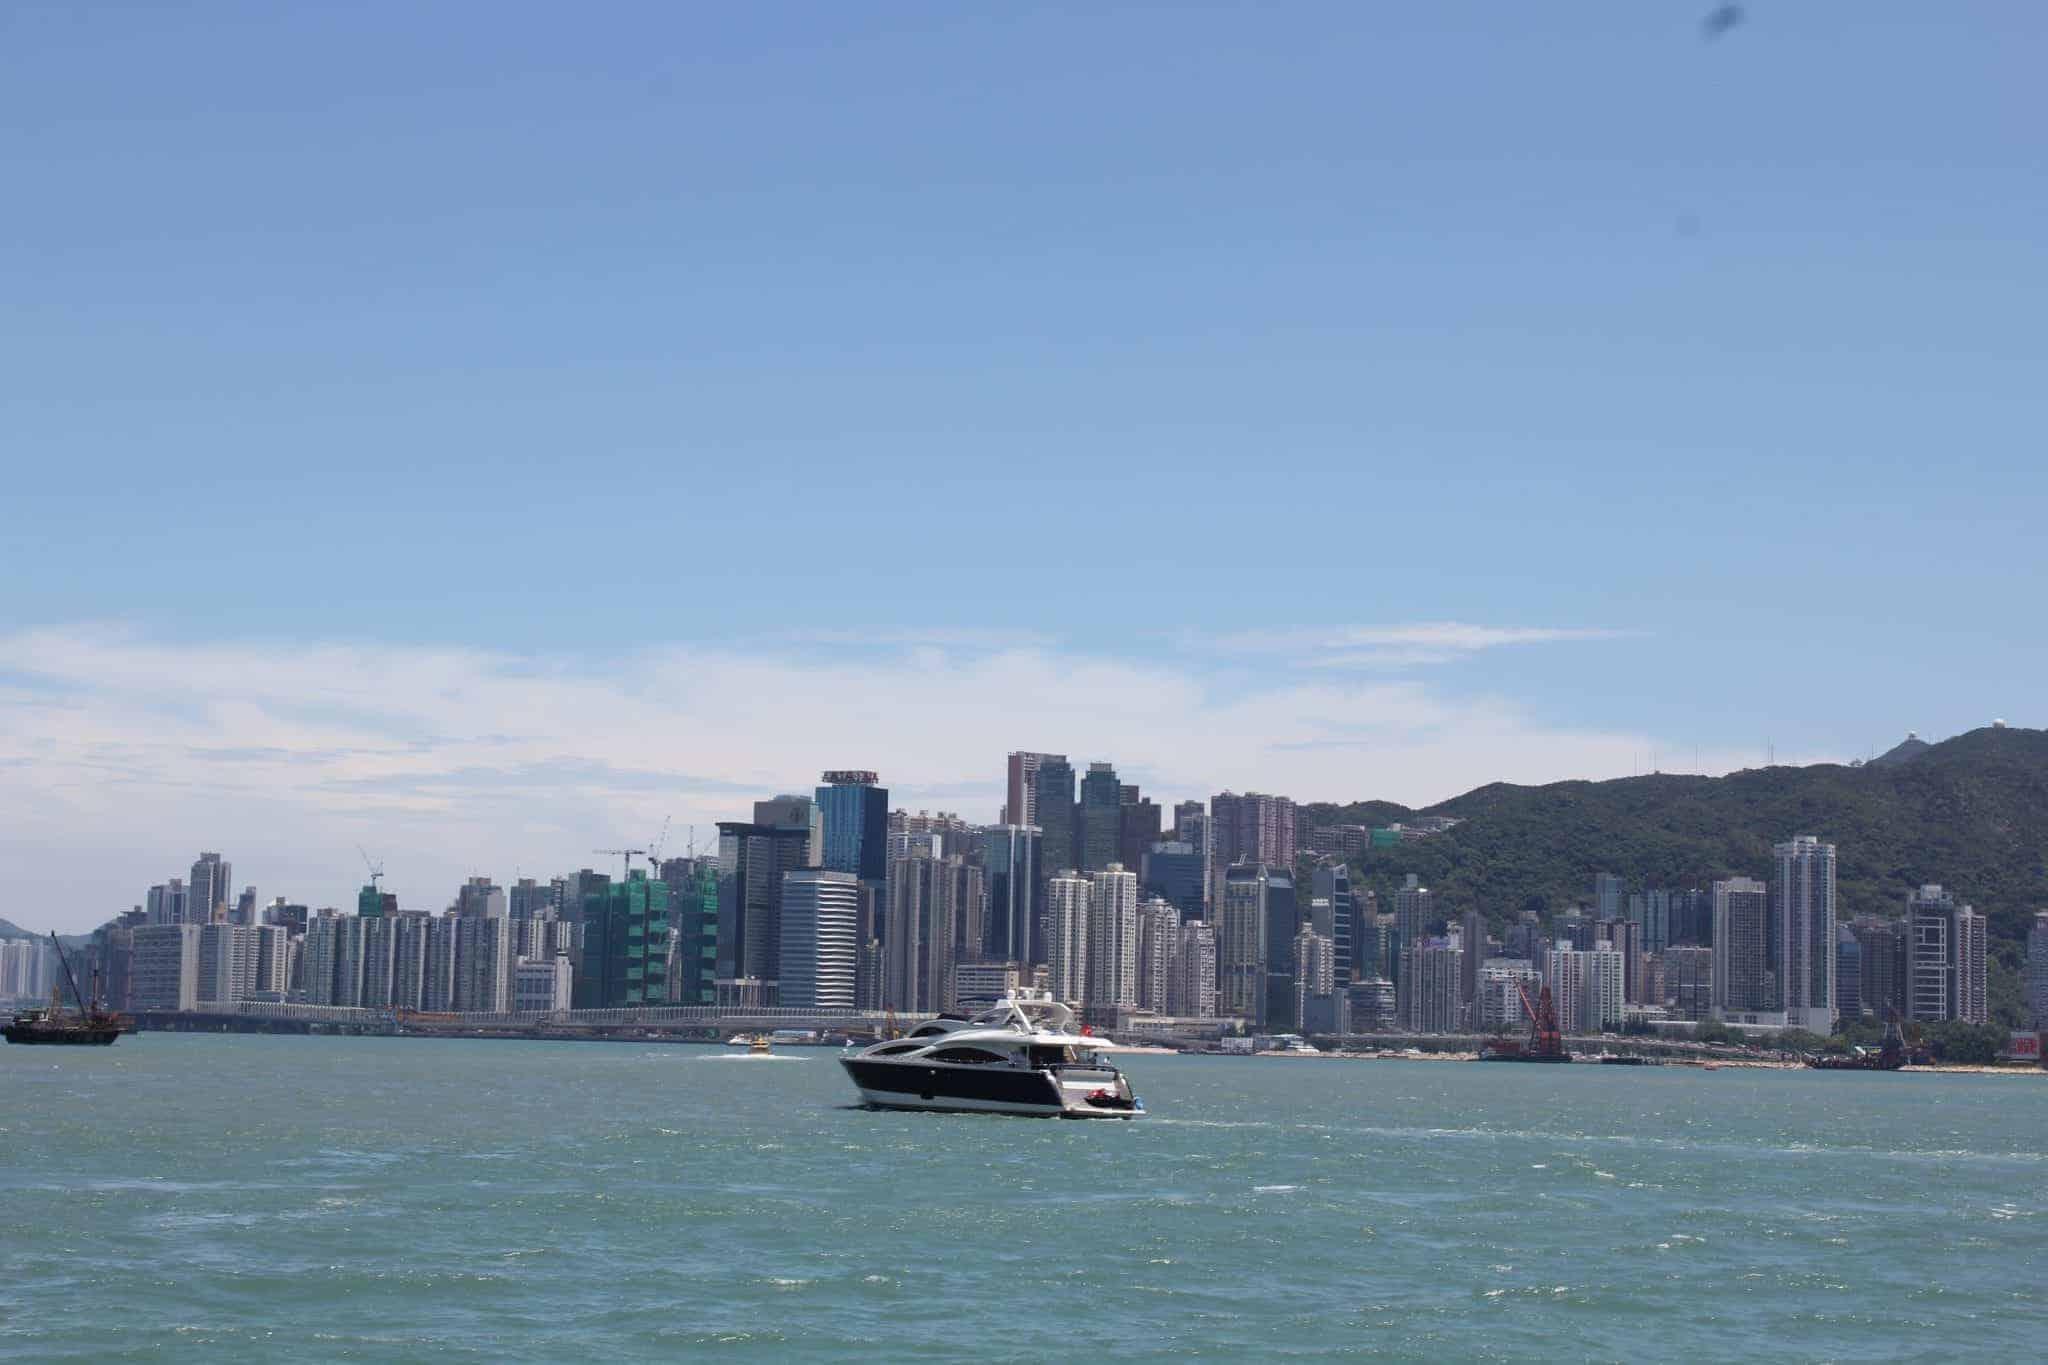 3 days in Hong kong, what to do in Hong Kong, Hong Kong itinerary 3 days, hong kong itinerary, hong kong island, hong kong main land, where to stay in hong kong, Victoria harbor